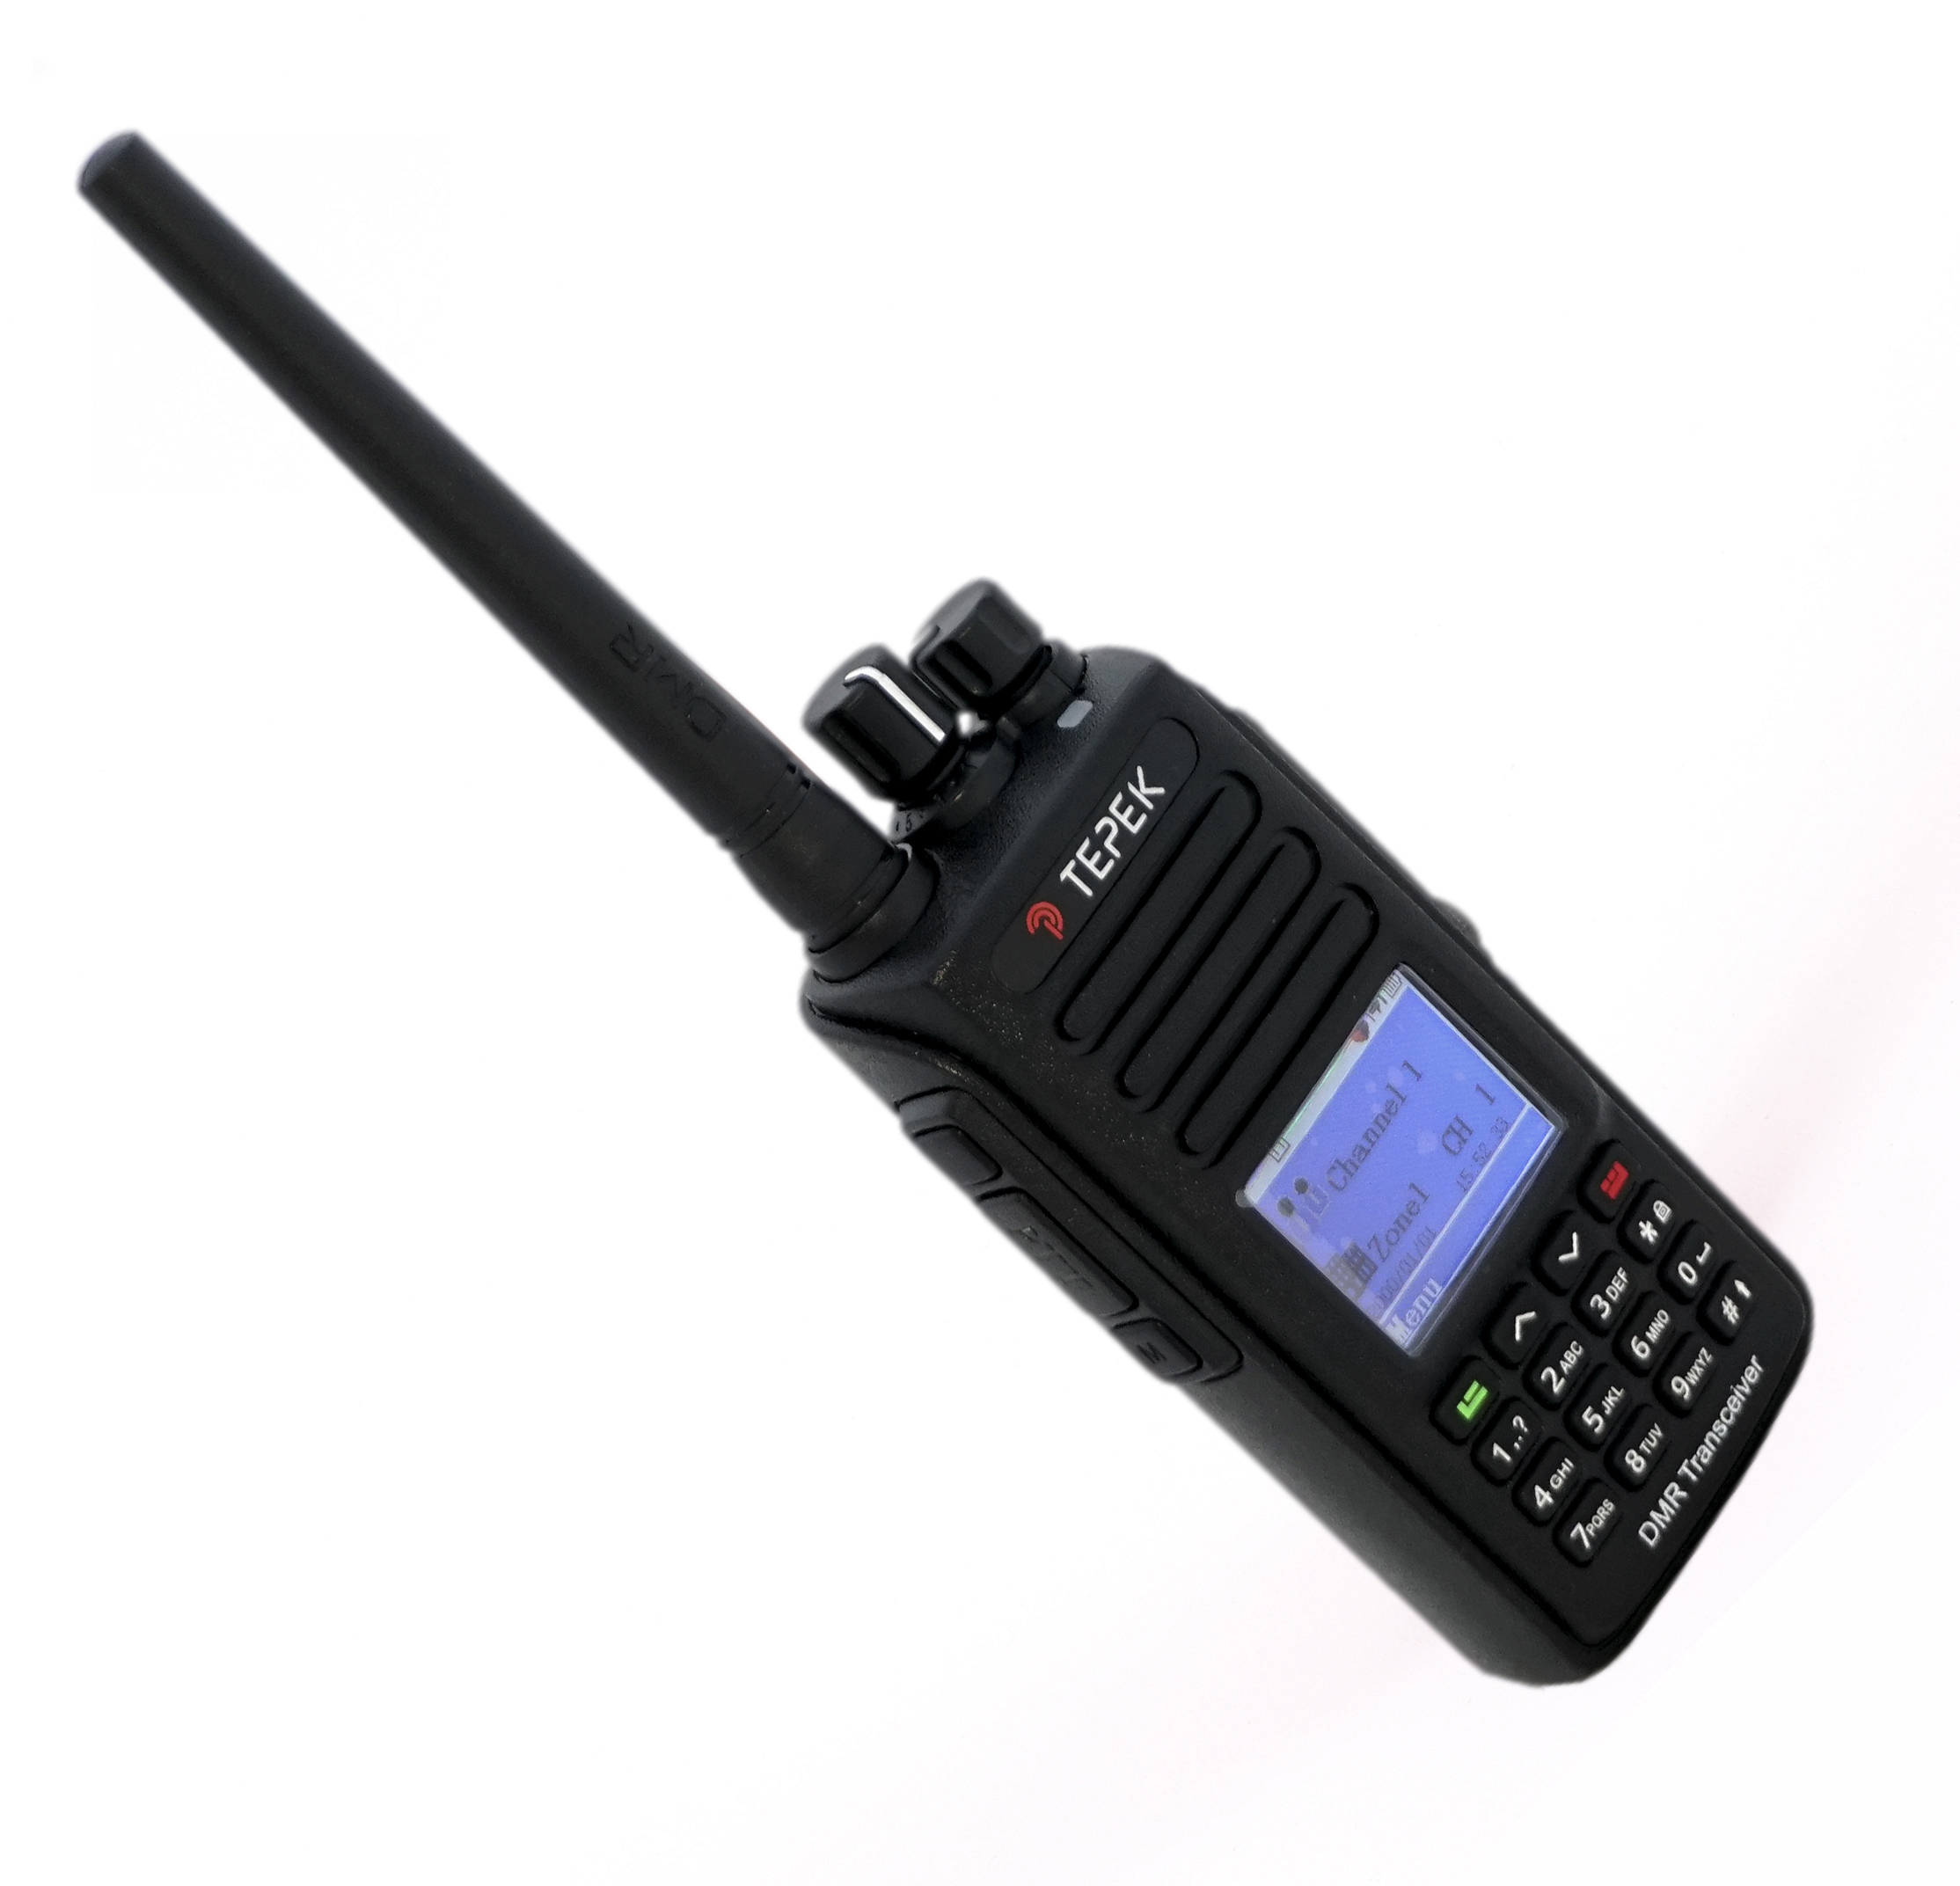 Портативная рация Терек РК-322-DMR UHF (+ Гарнитура в подарок!)